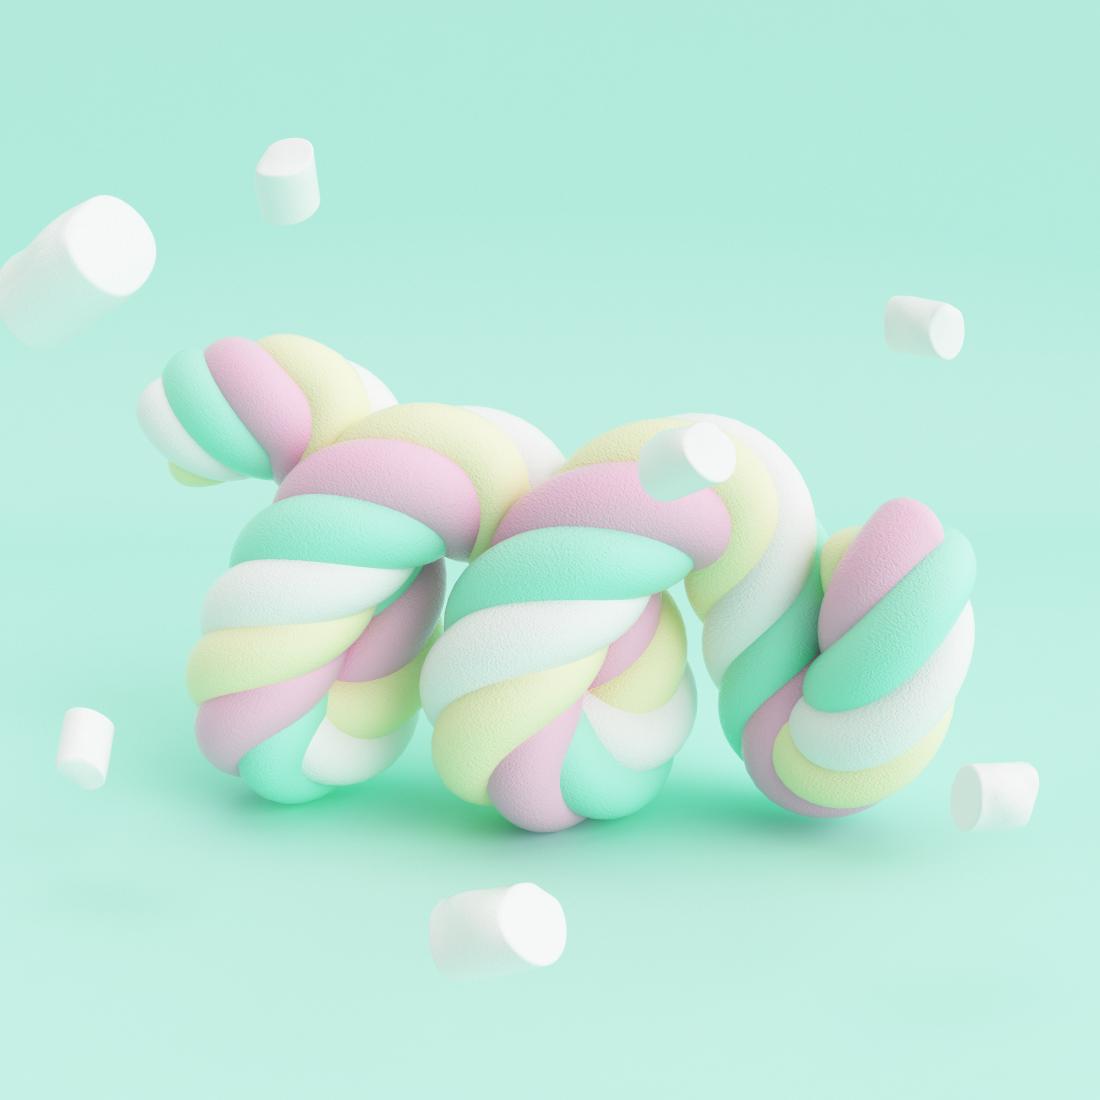 render_m_marshmallow_1100_0084.tif